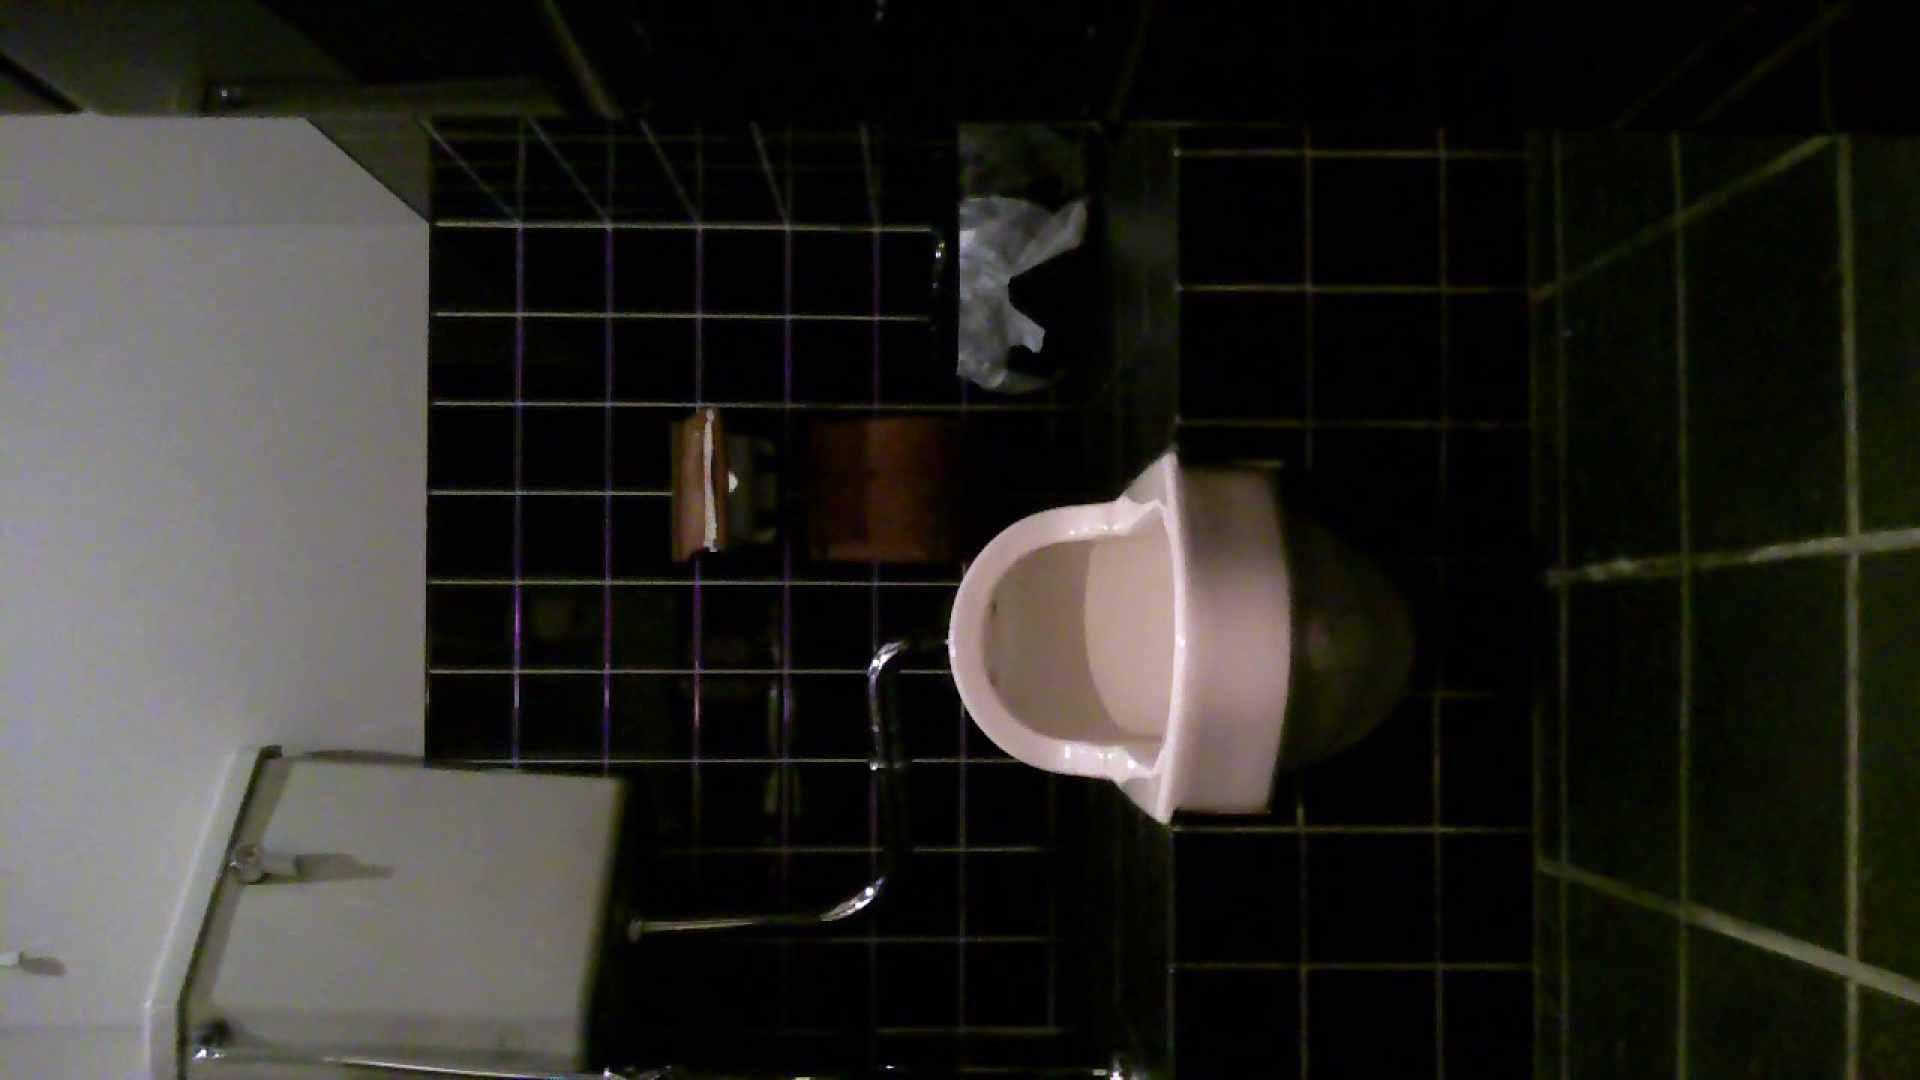 美女の集まる飲み屋洗面所 vol.02 OLエロ画像 隠し撮りAV無料 99PICs 27